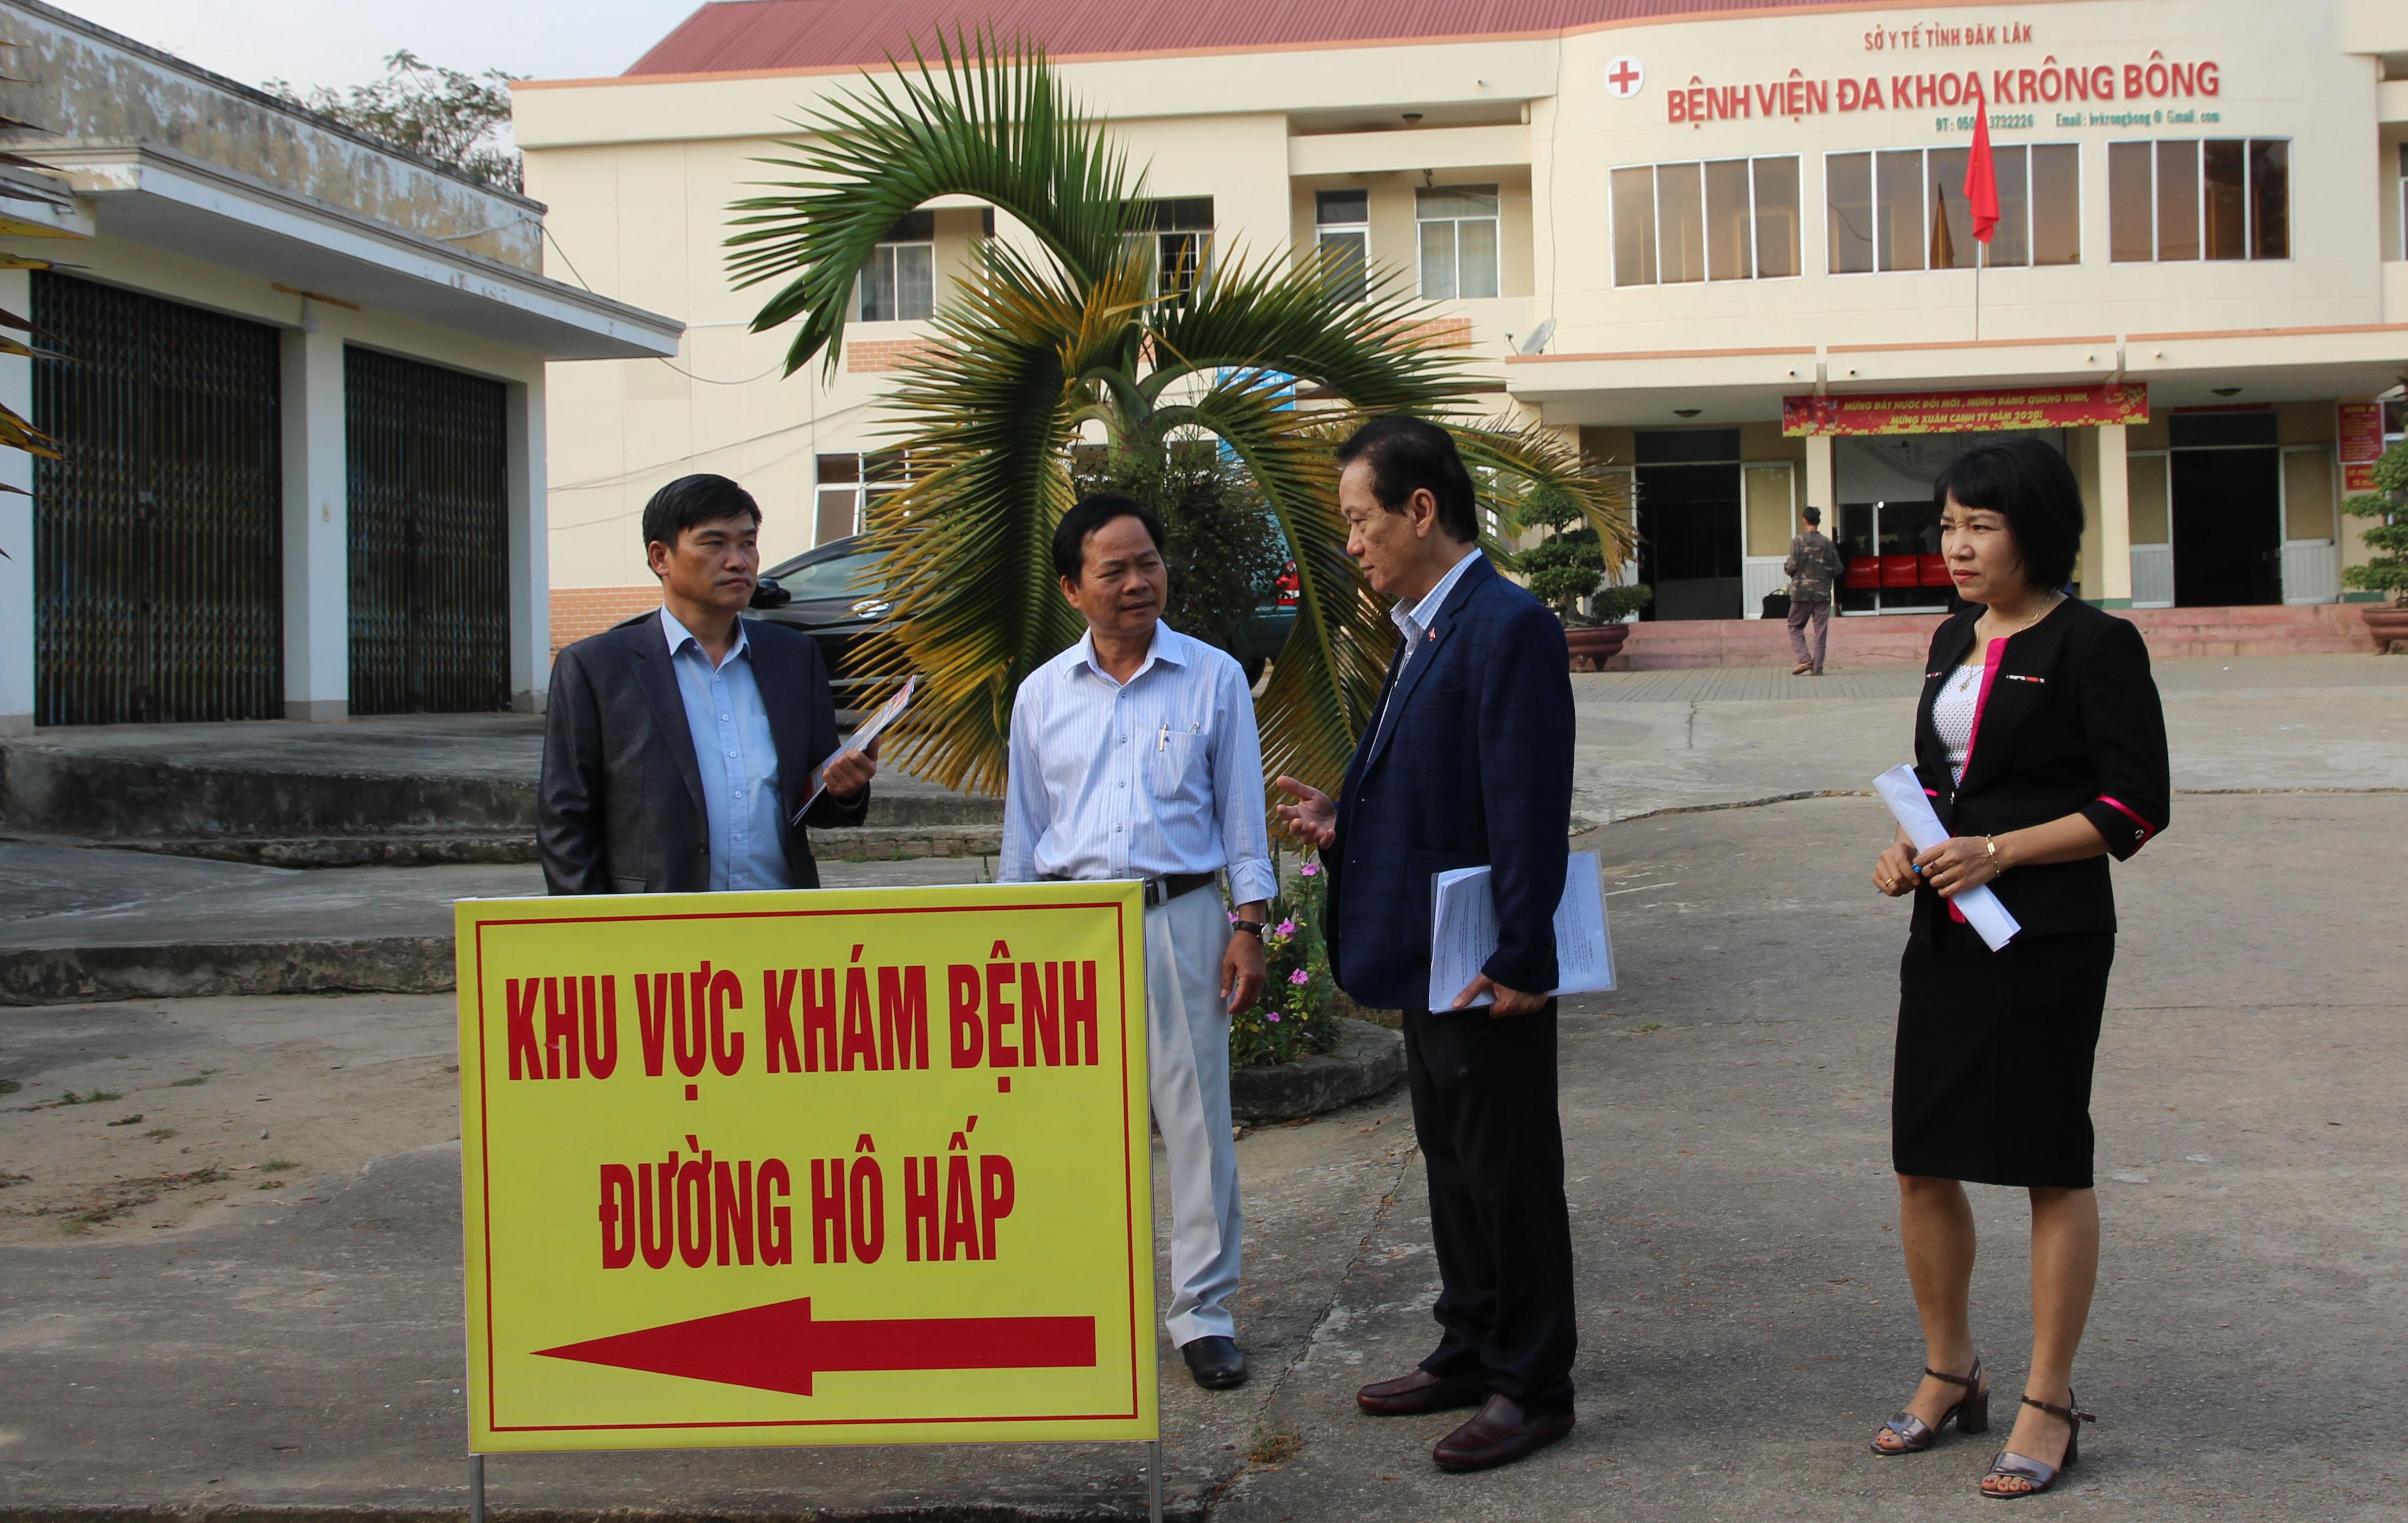 Kiểm tra công tác phòng, chống dịch bệnh Covid-19 tại huyện Krông Bông và thành phố Buôn Ma Thuột